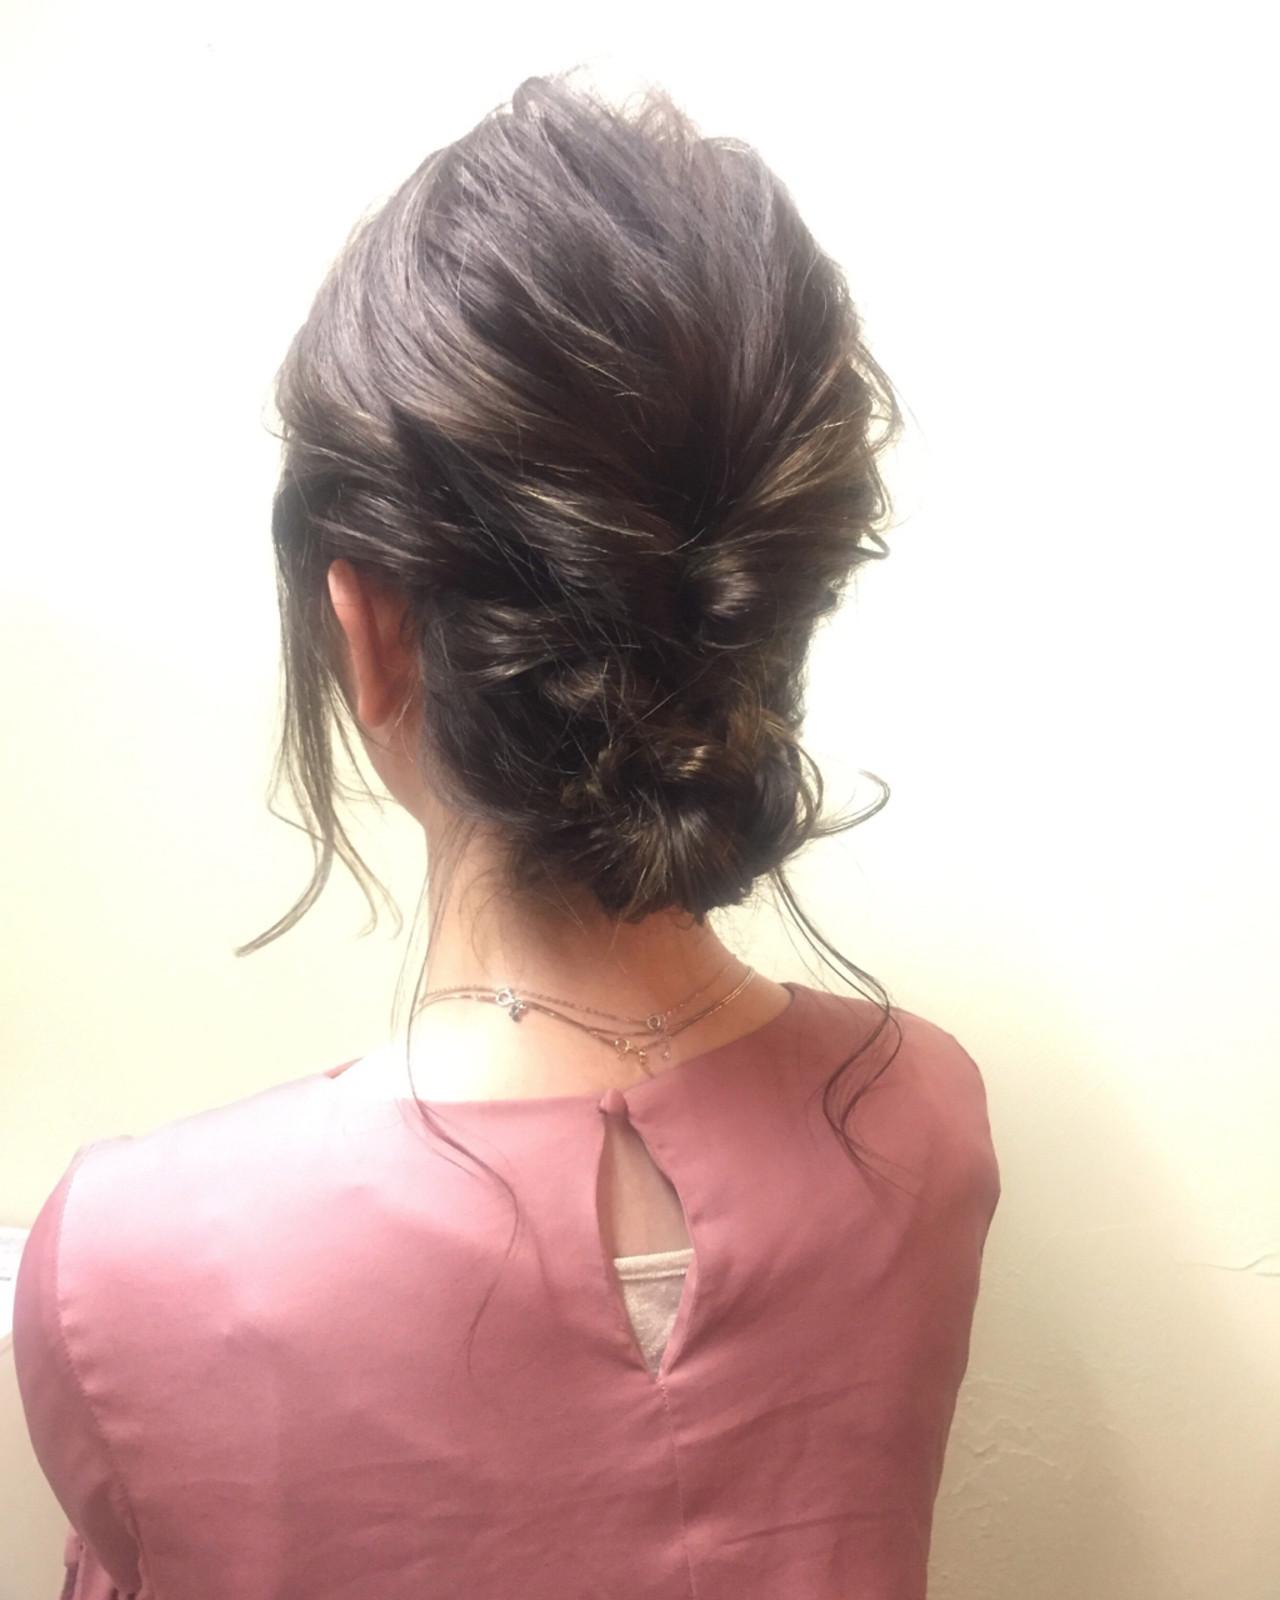 簡単ヘアアレンジ オフィス 結婚式 ナチュラル ヘアスタイルや髪型の写真・画像